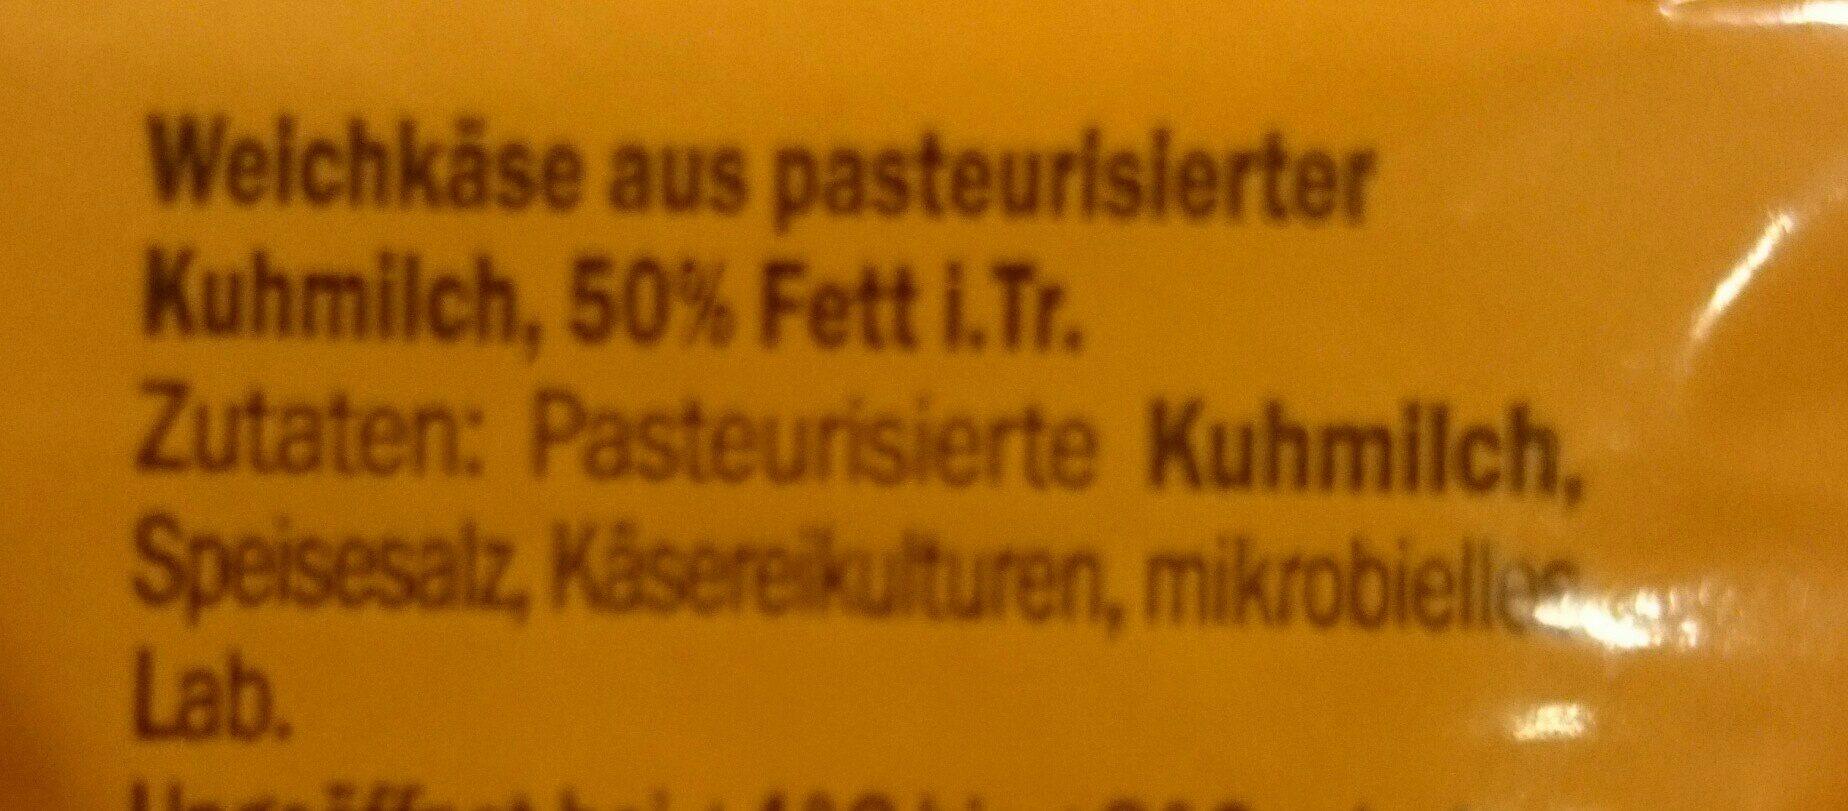 Le Cremeux Cremig-würzig - Ingrédients - de